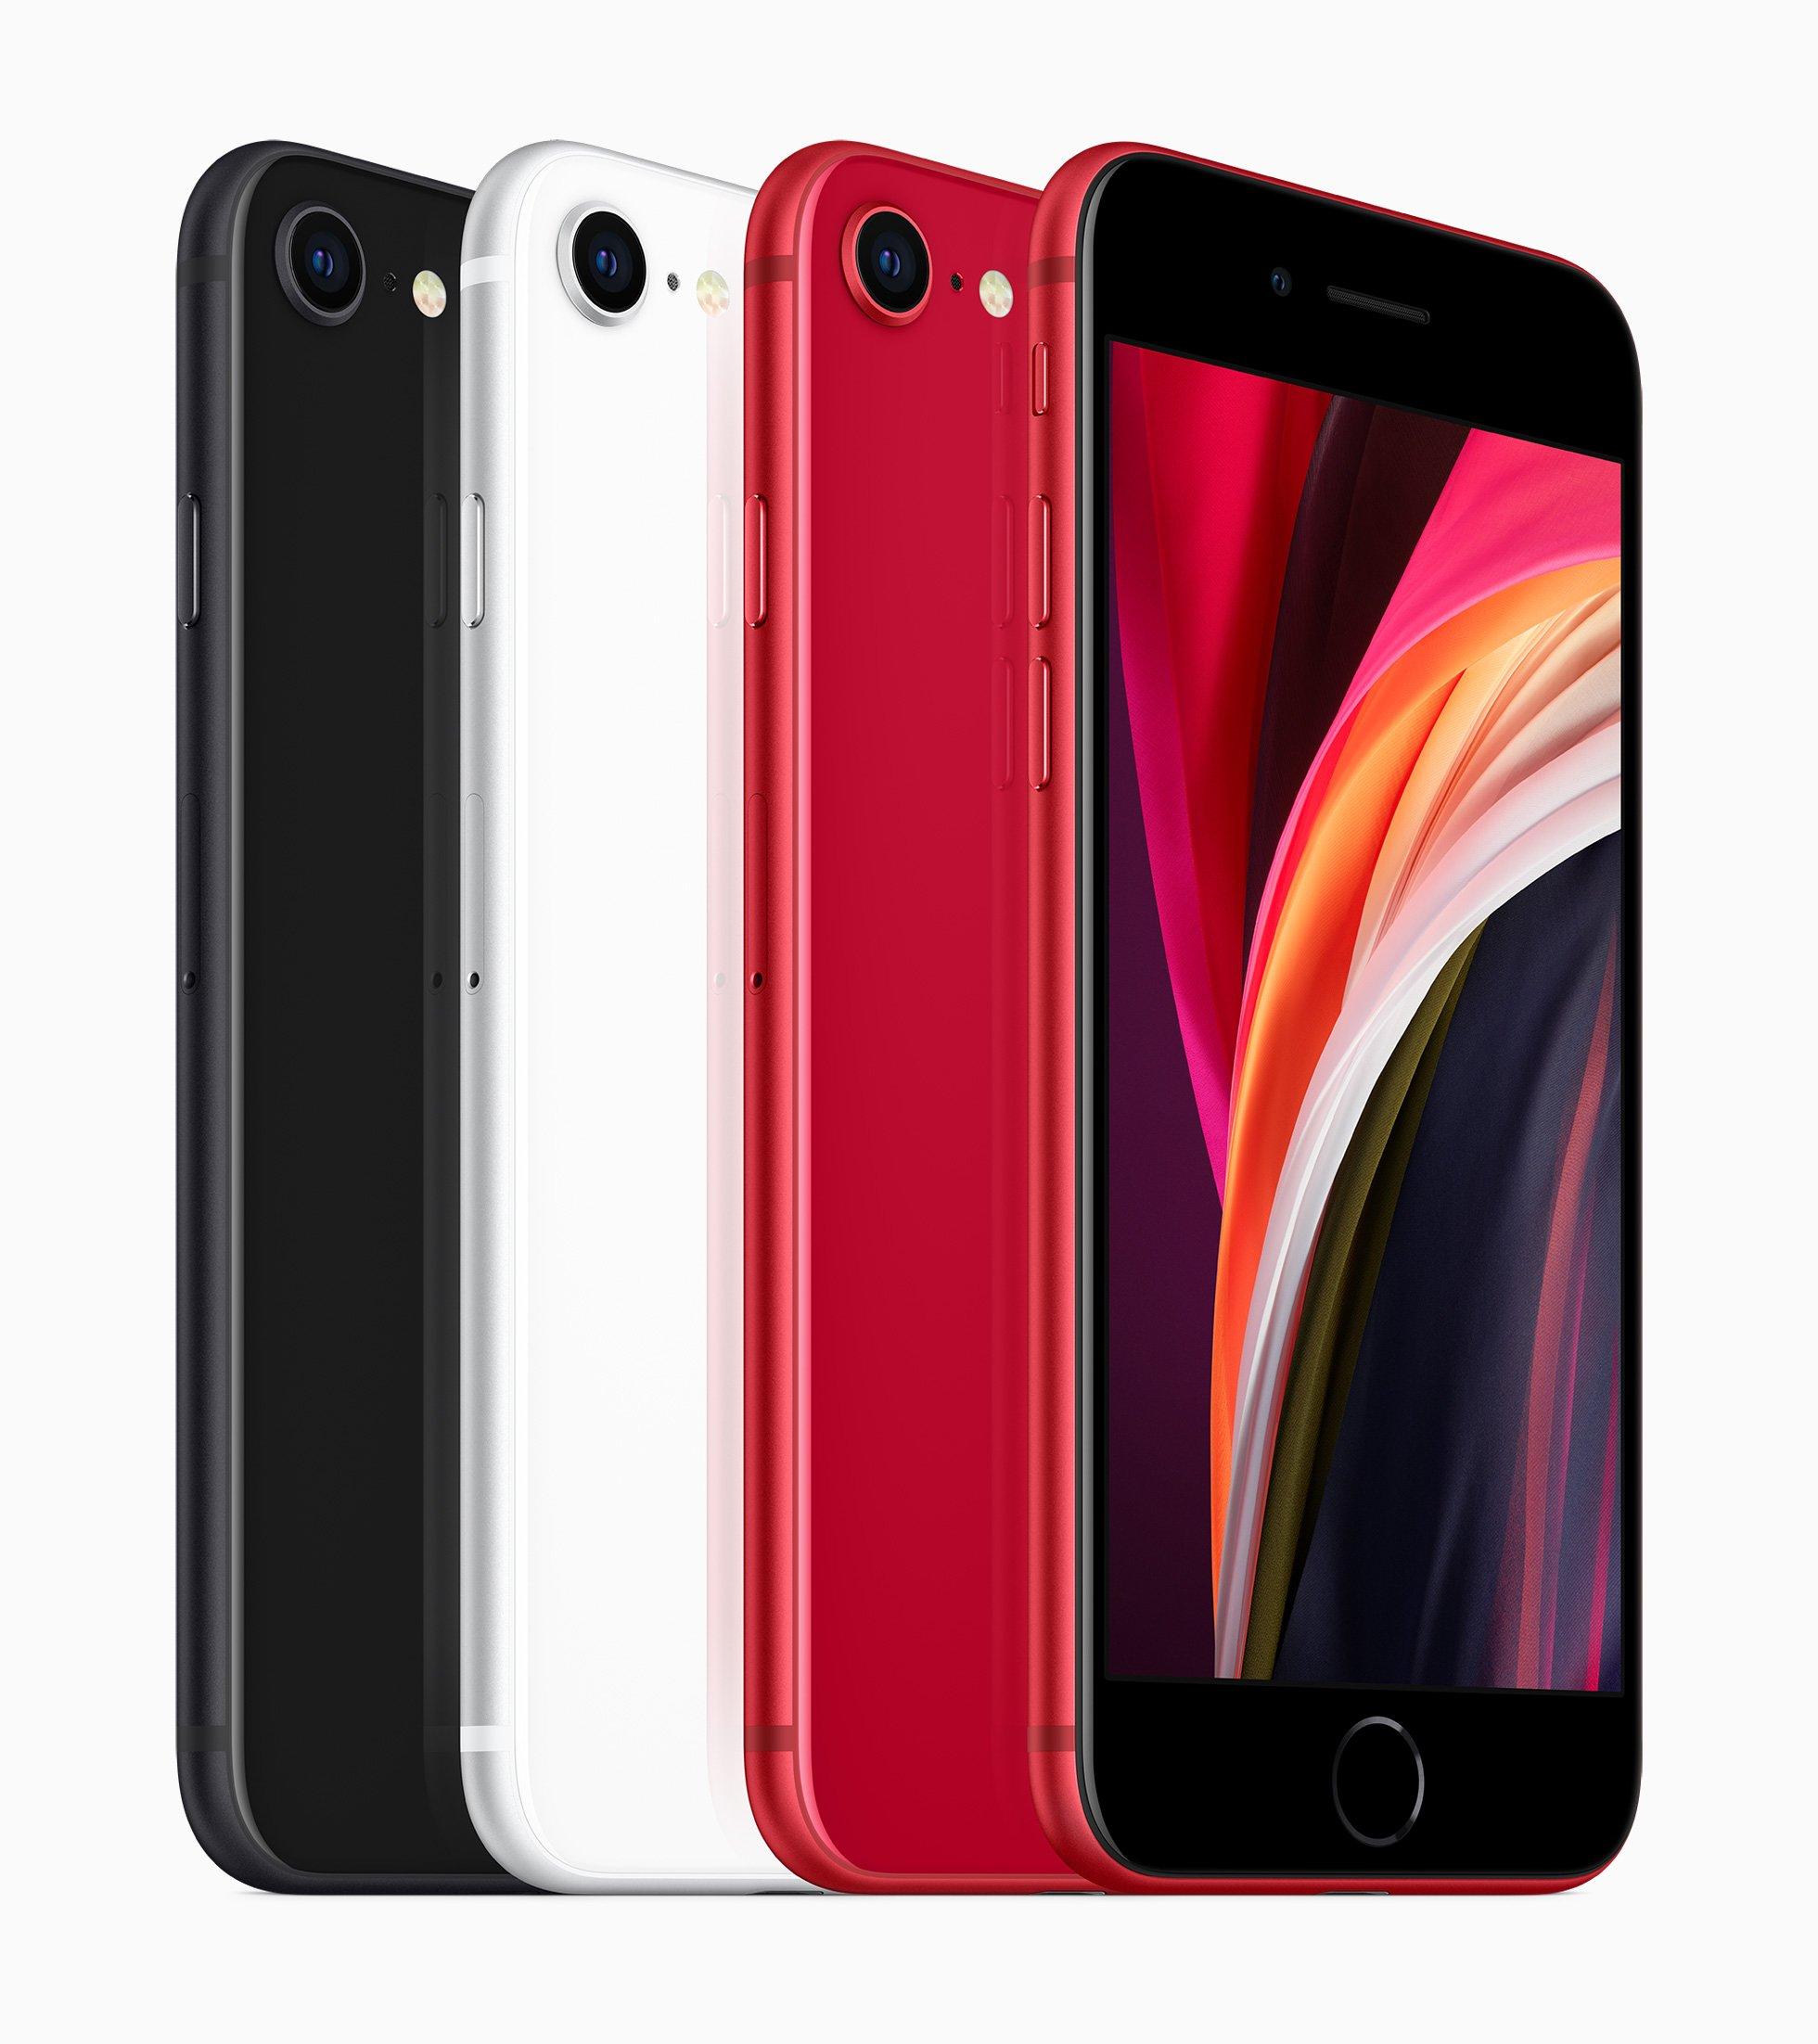 Code promo Sosh : Nouveau smartphone Apple iPhone SE 2020 Coloris au choix 64 Go à 459€